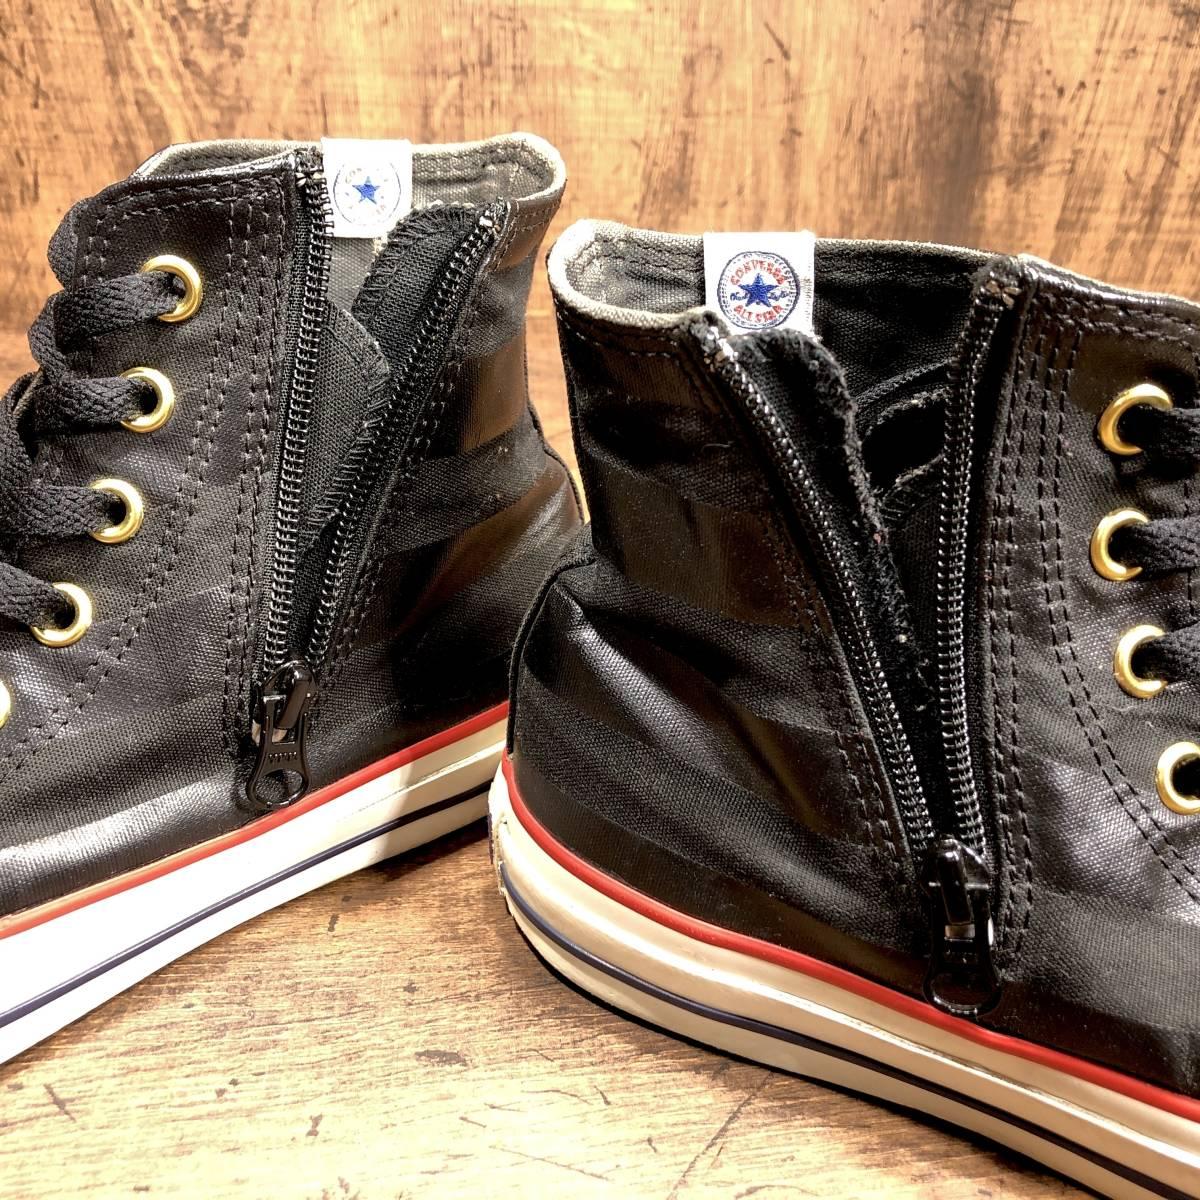 ■CONVERSE ALL STAR■ 26.5cm US8 黒 ブラック コンバース オールスター ハイカットスニーカー サイドジップ メンズ 靴 くつ 8ホール 即決_画像6